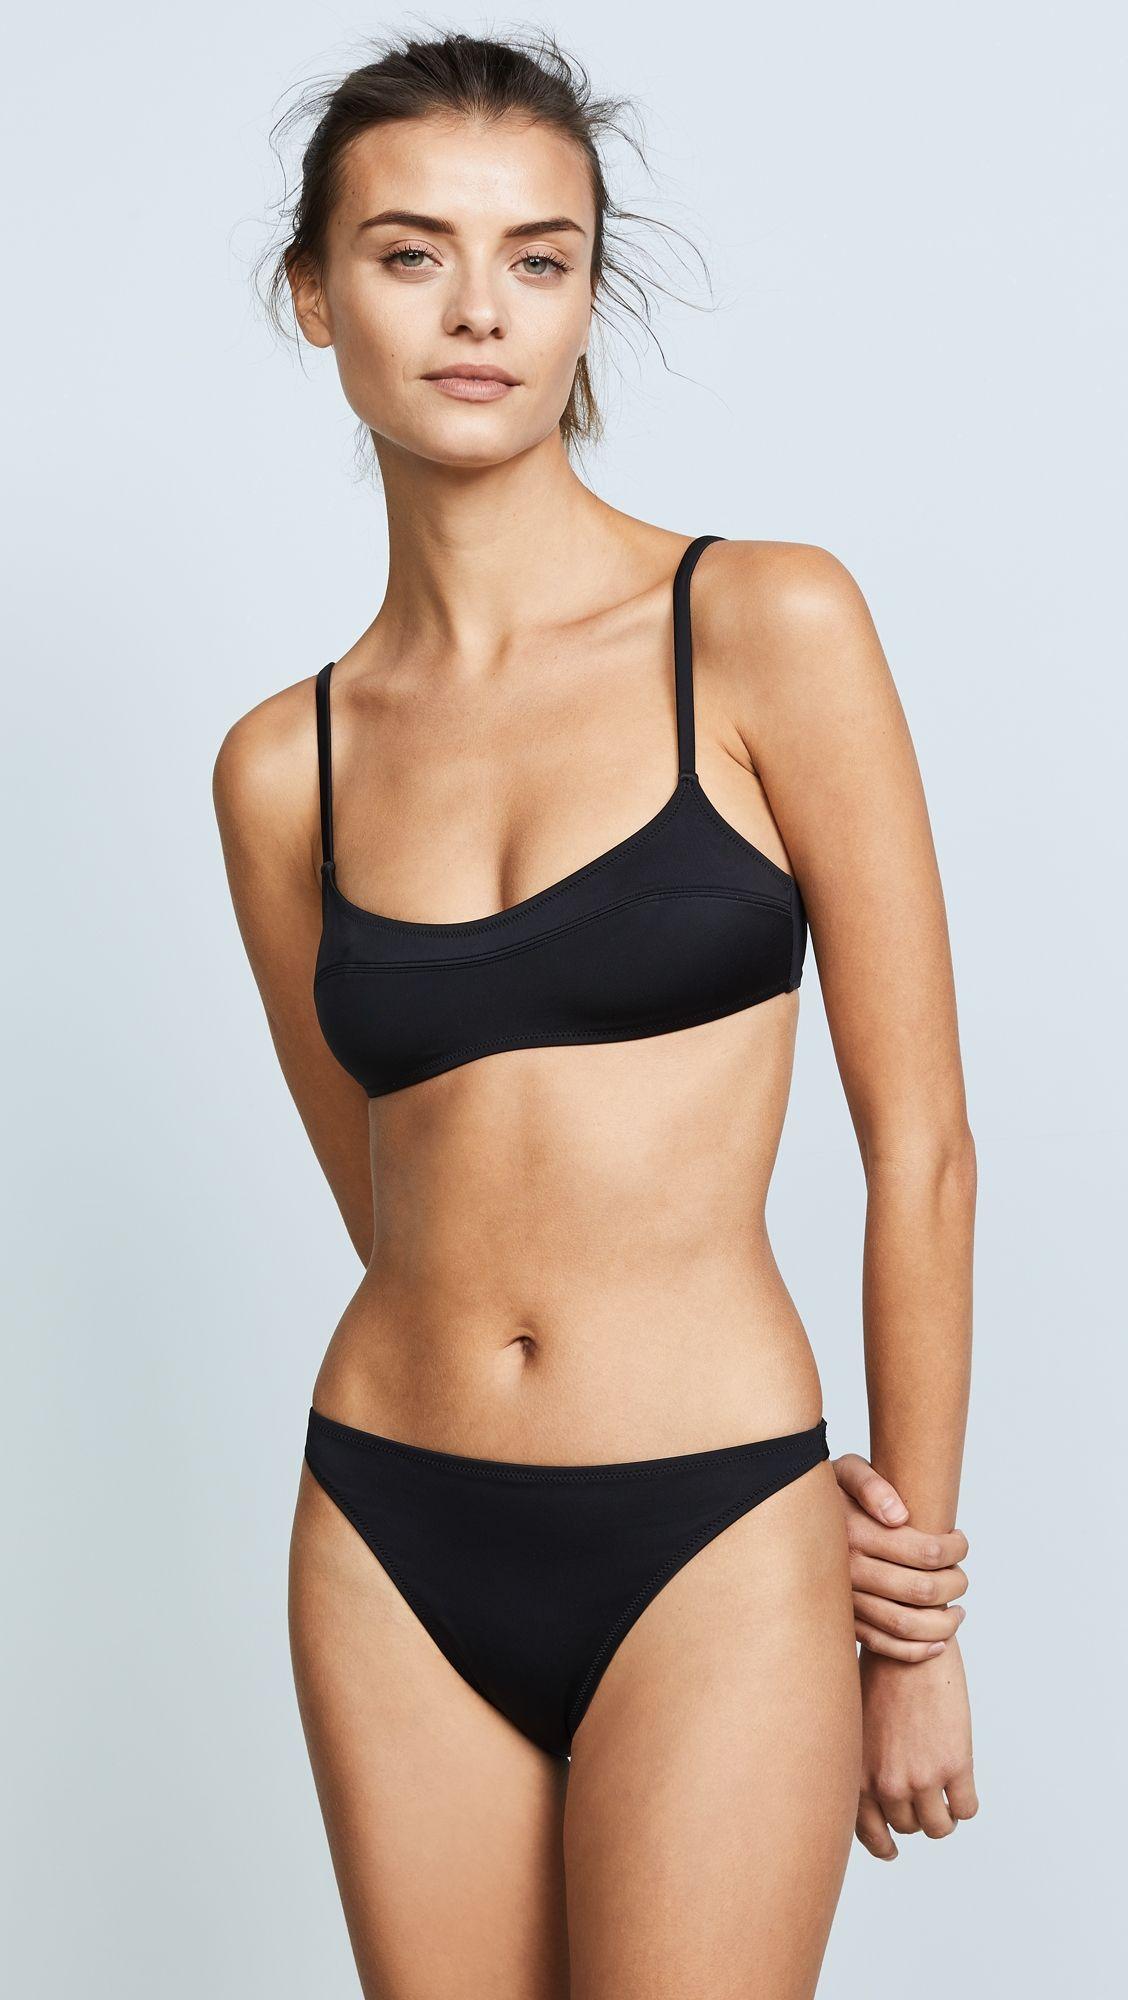 Meilleur Endroit De Réduction Solid & Striped Bikini The Elsa - Noir vue kEXxc